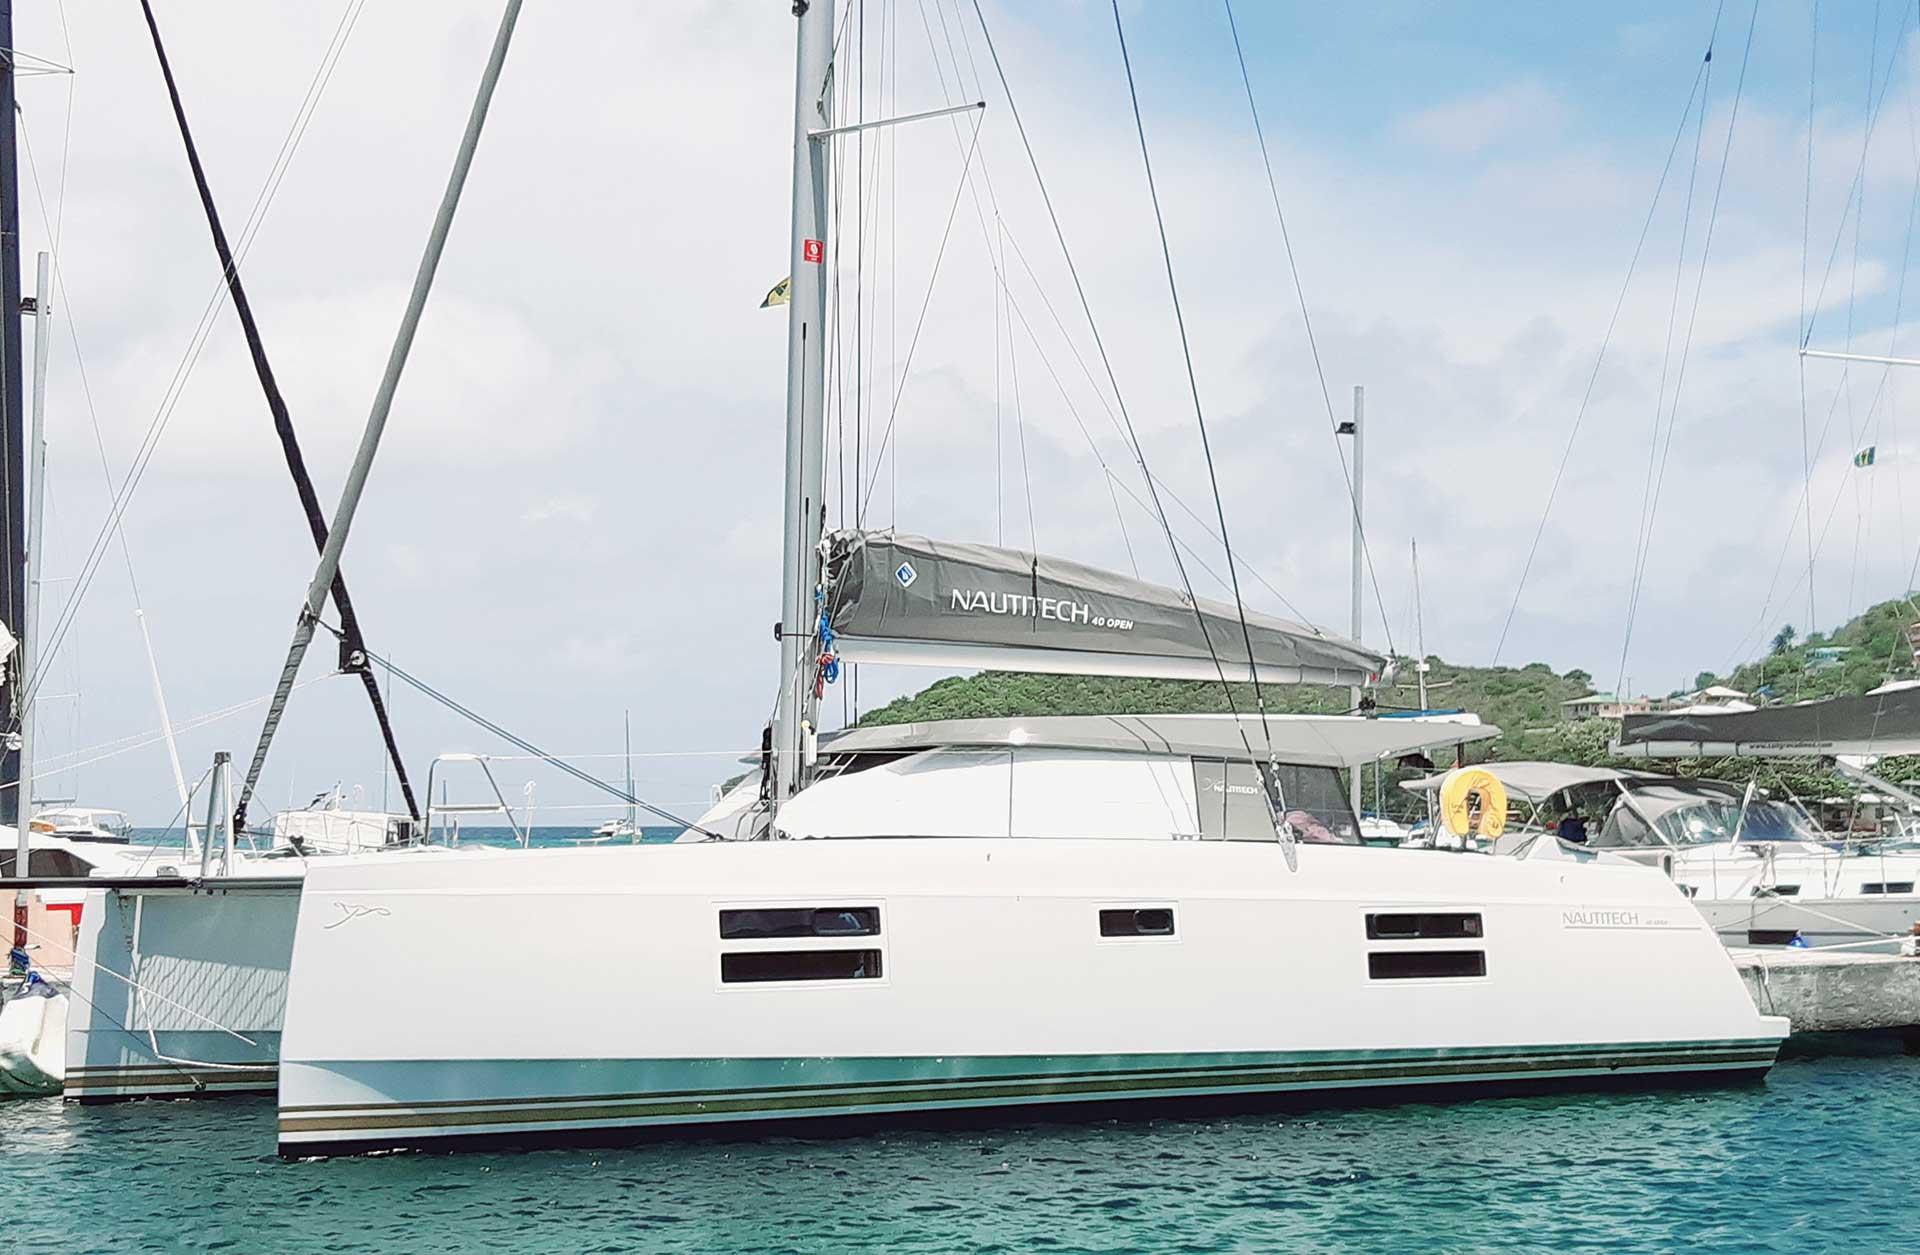 Sail Ionian Yacht Nautitech Open 40 (3 Cabins)